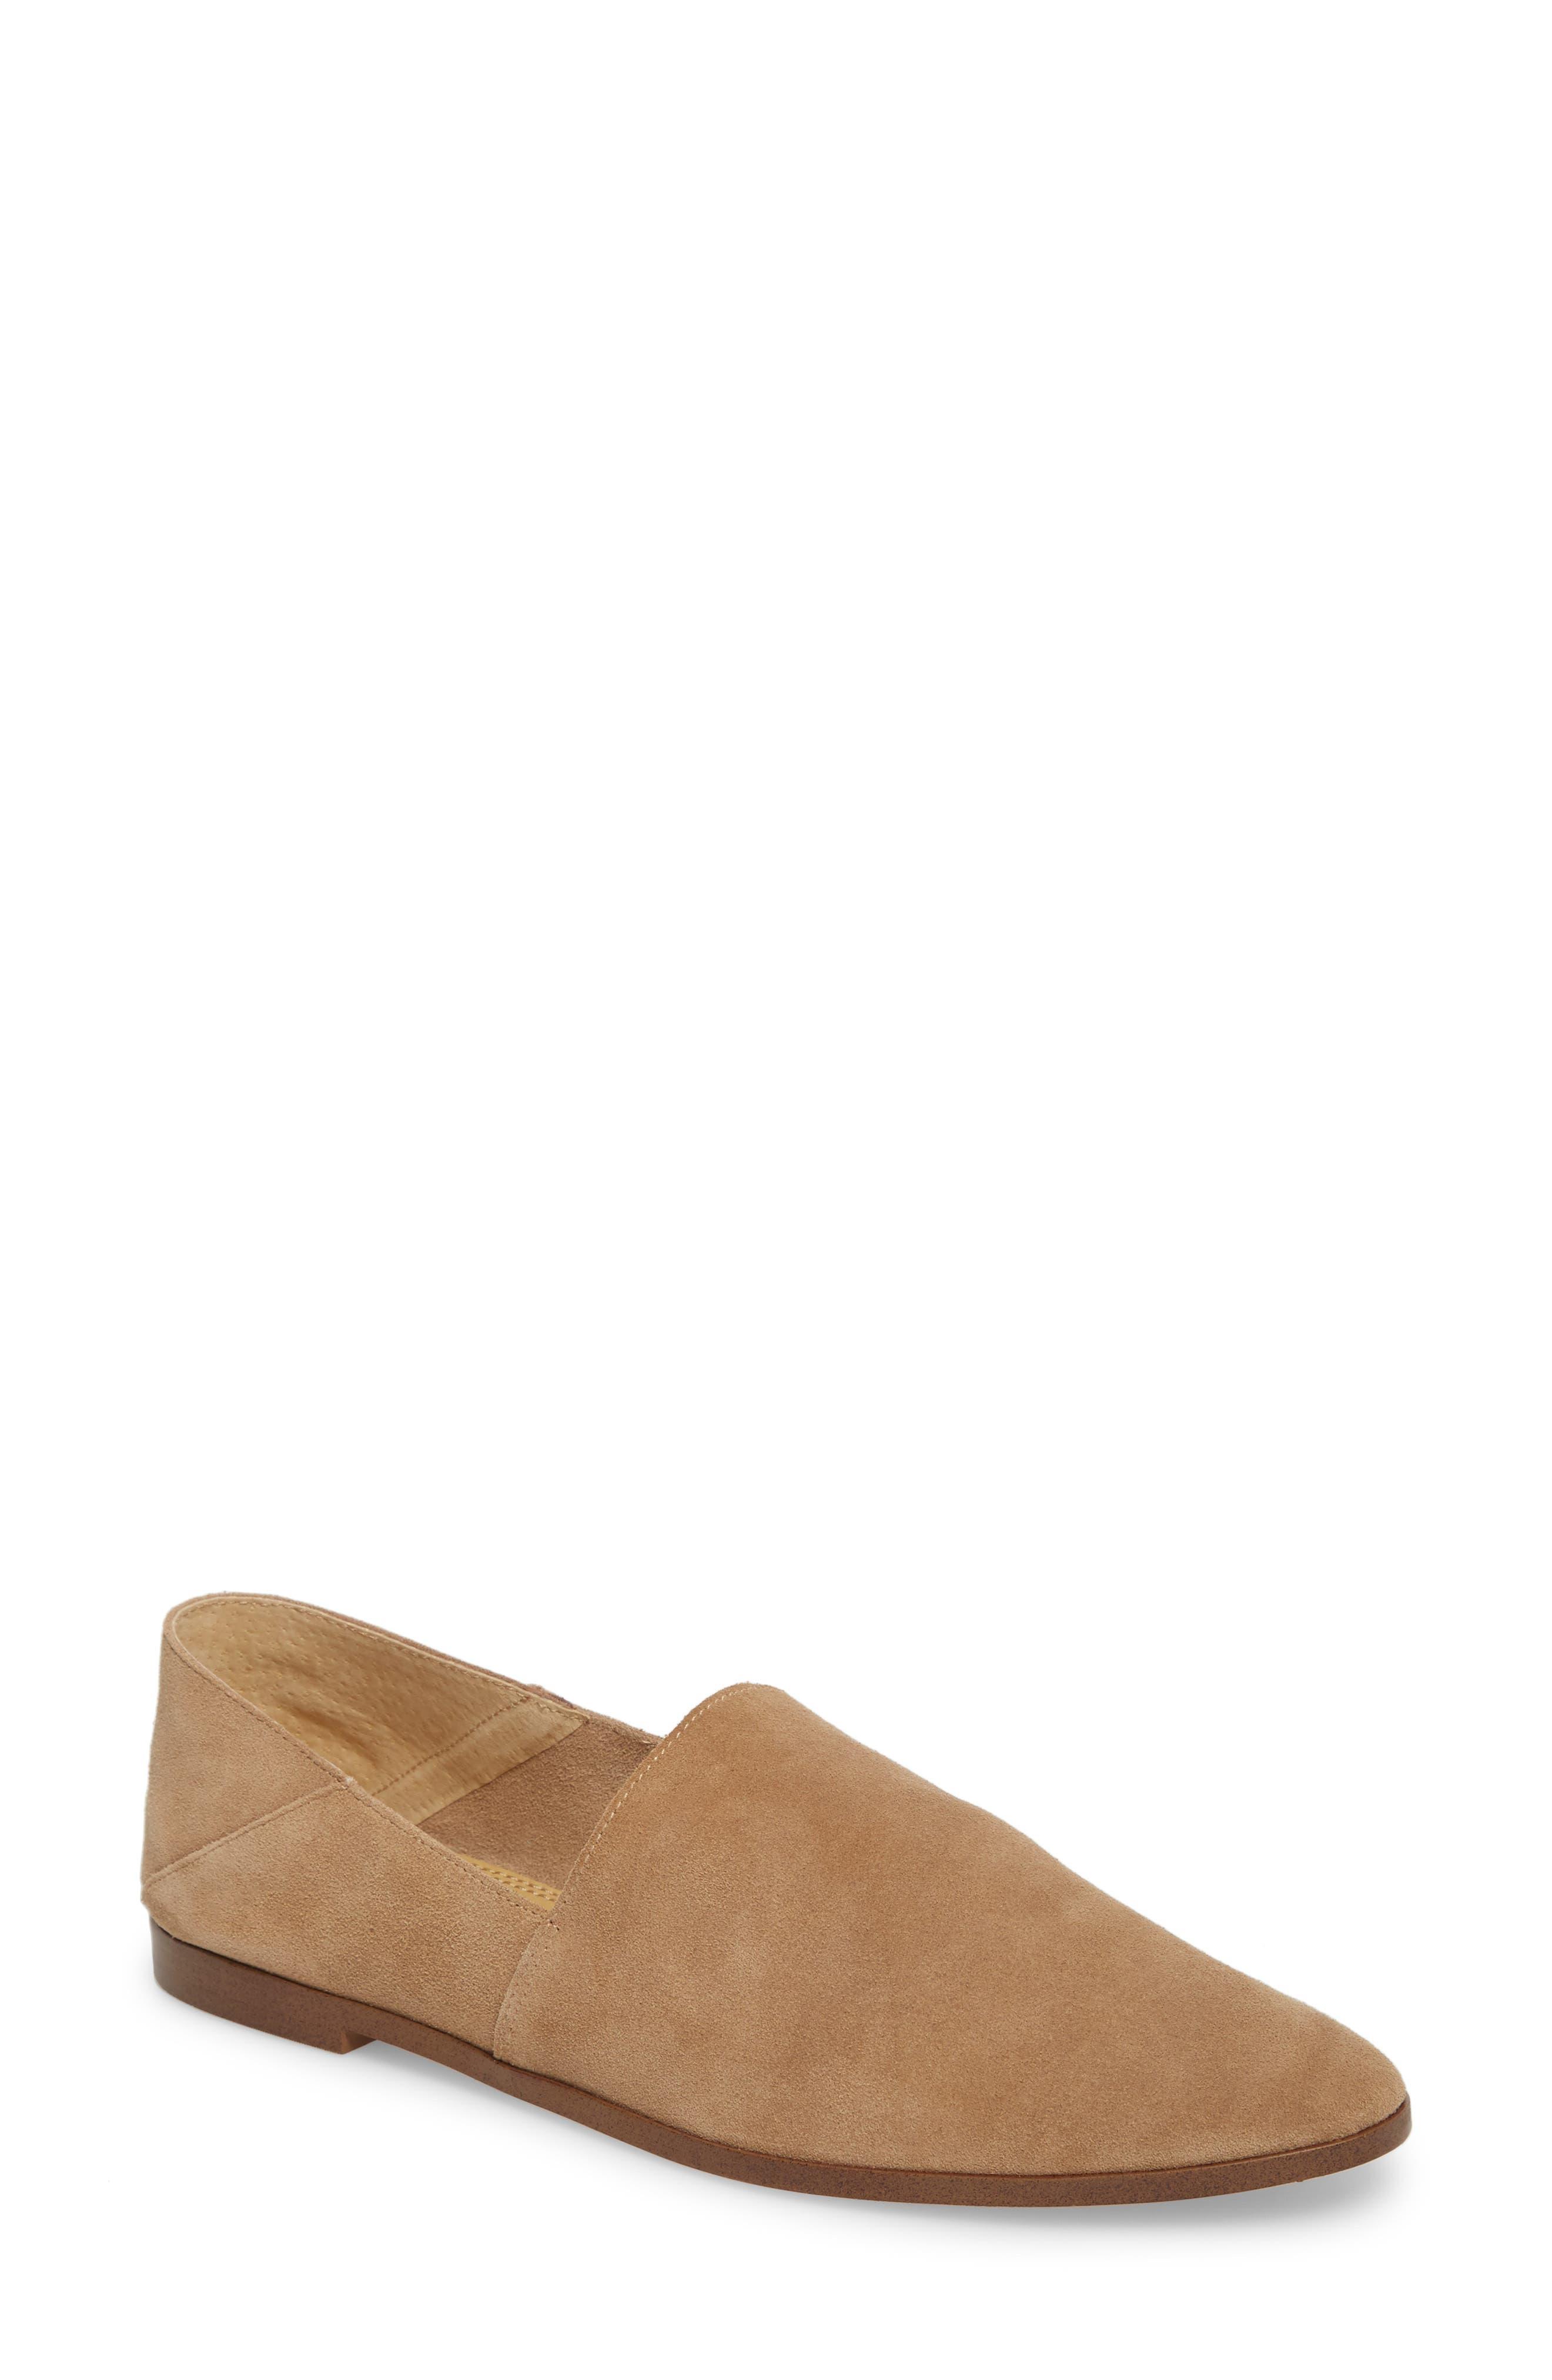 Splendid Babette Almond Toe Flat (Women)